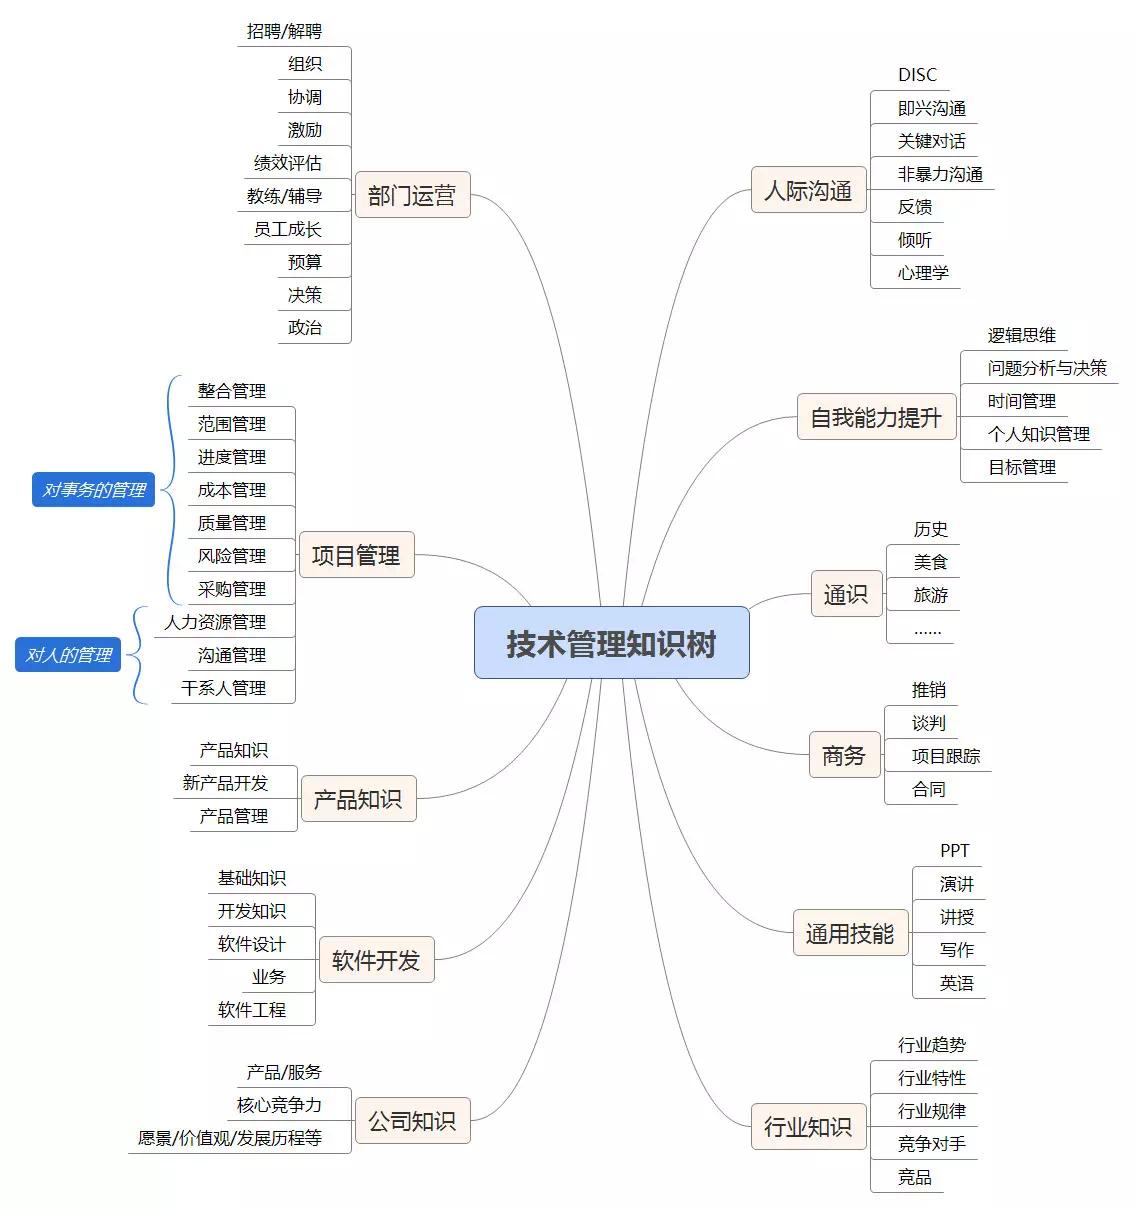 20190128-技术管理知识树.PNG